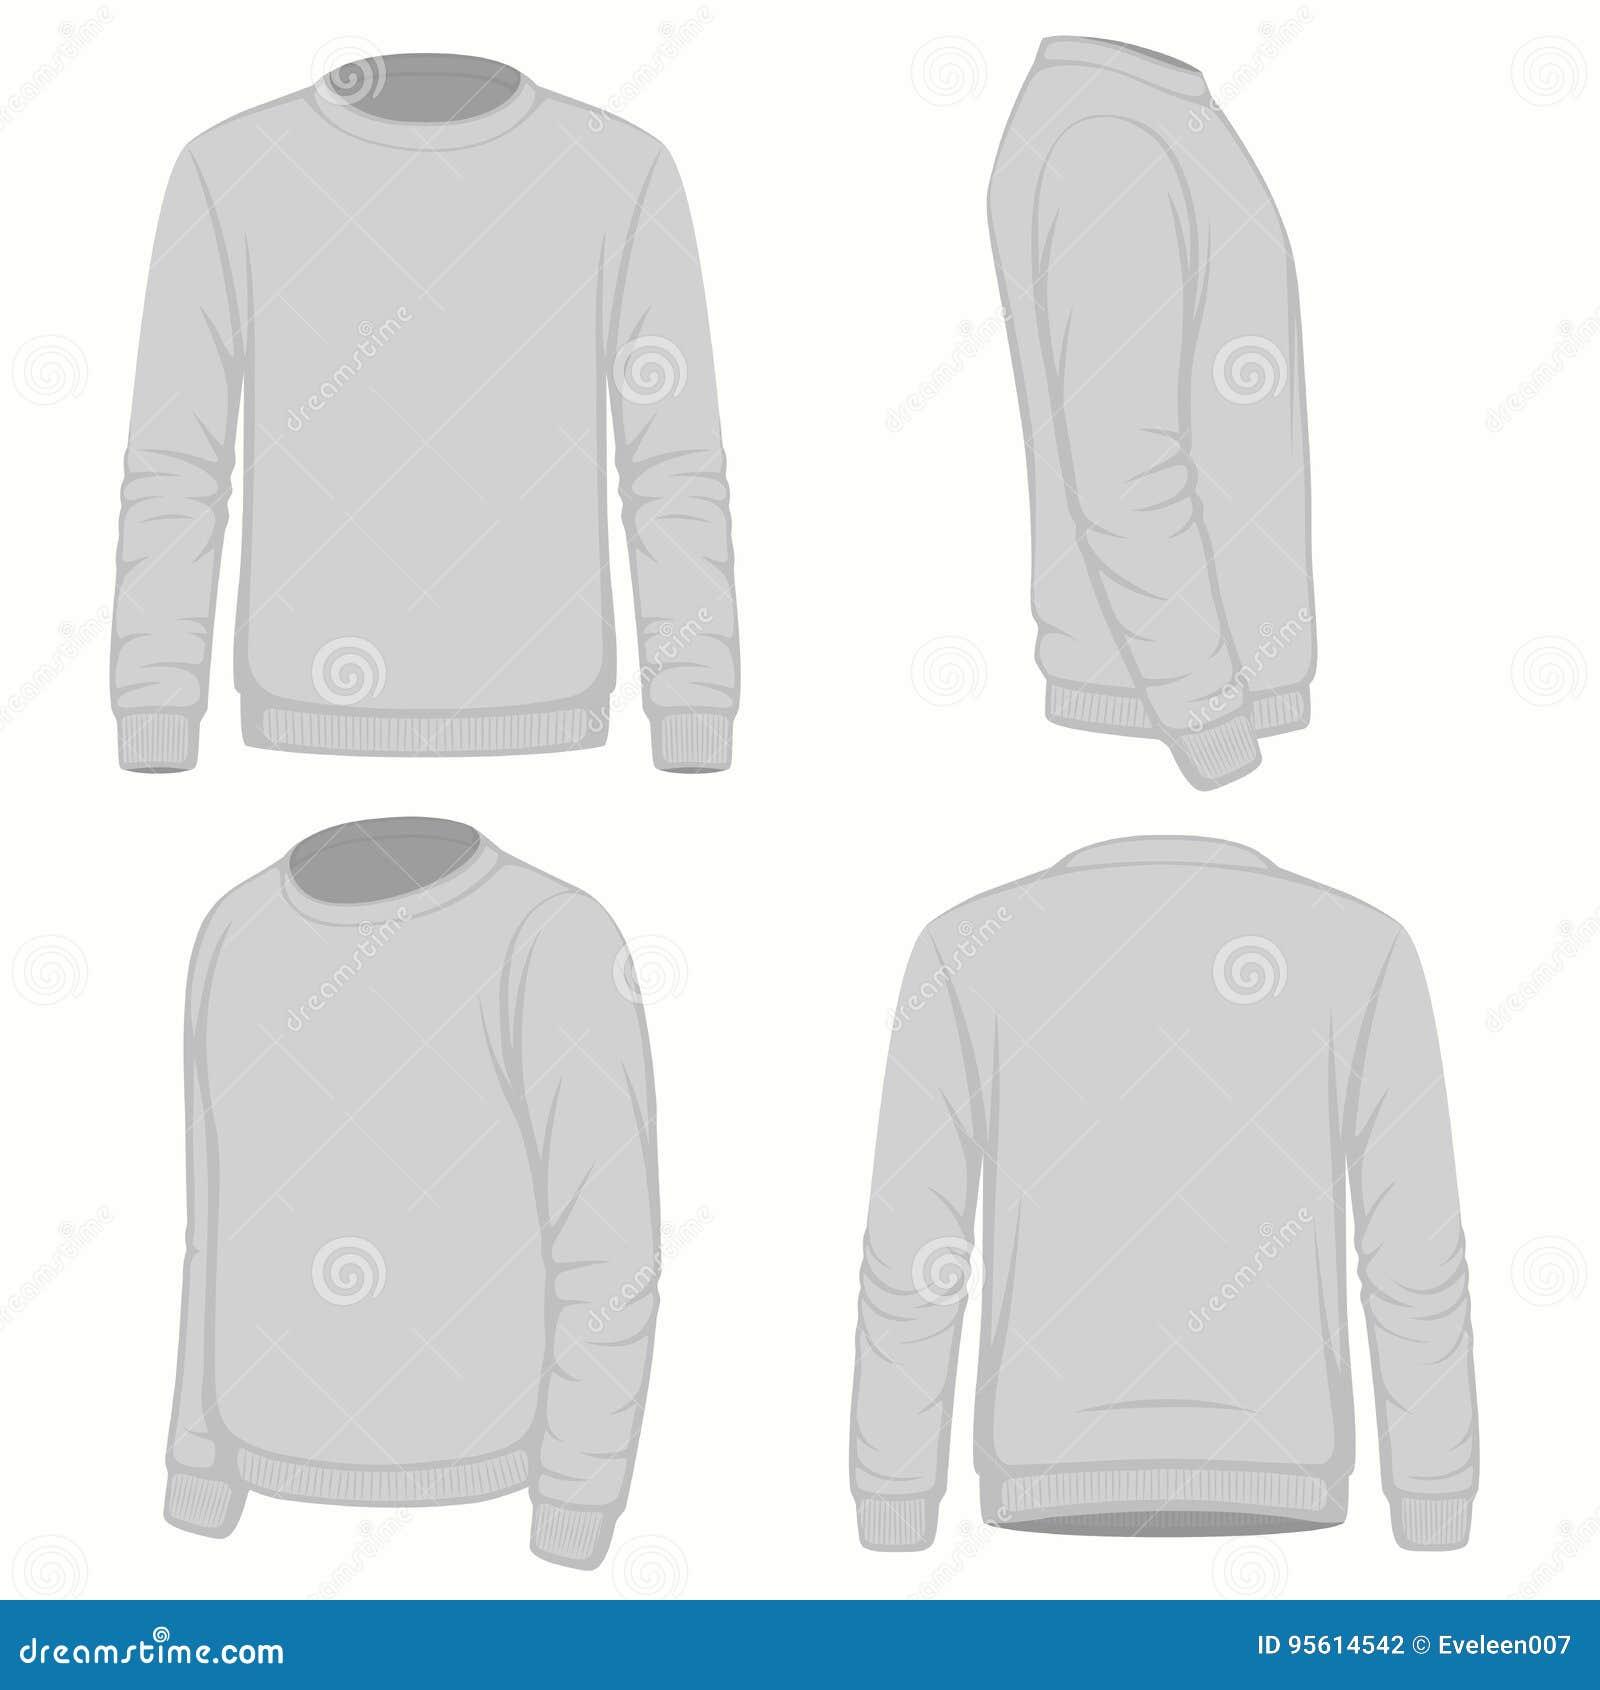 Afronte, traseras y laterales las vistas del suéter con capucha